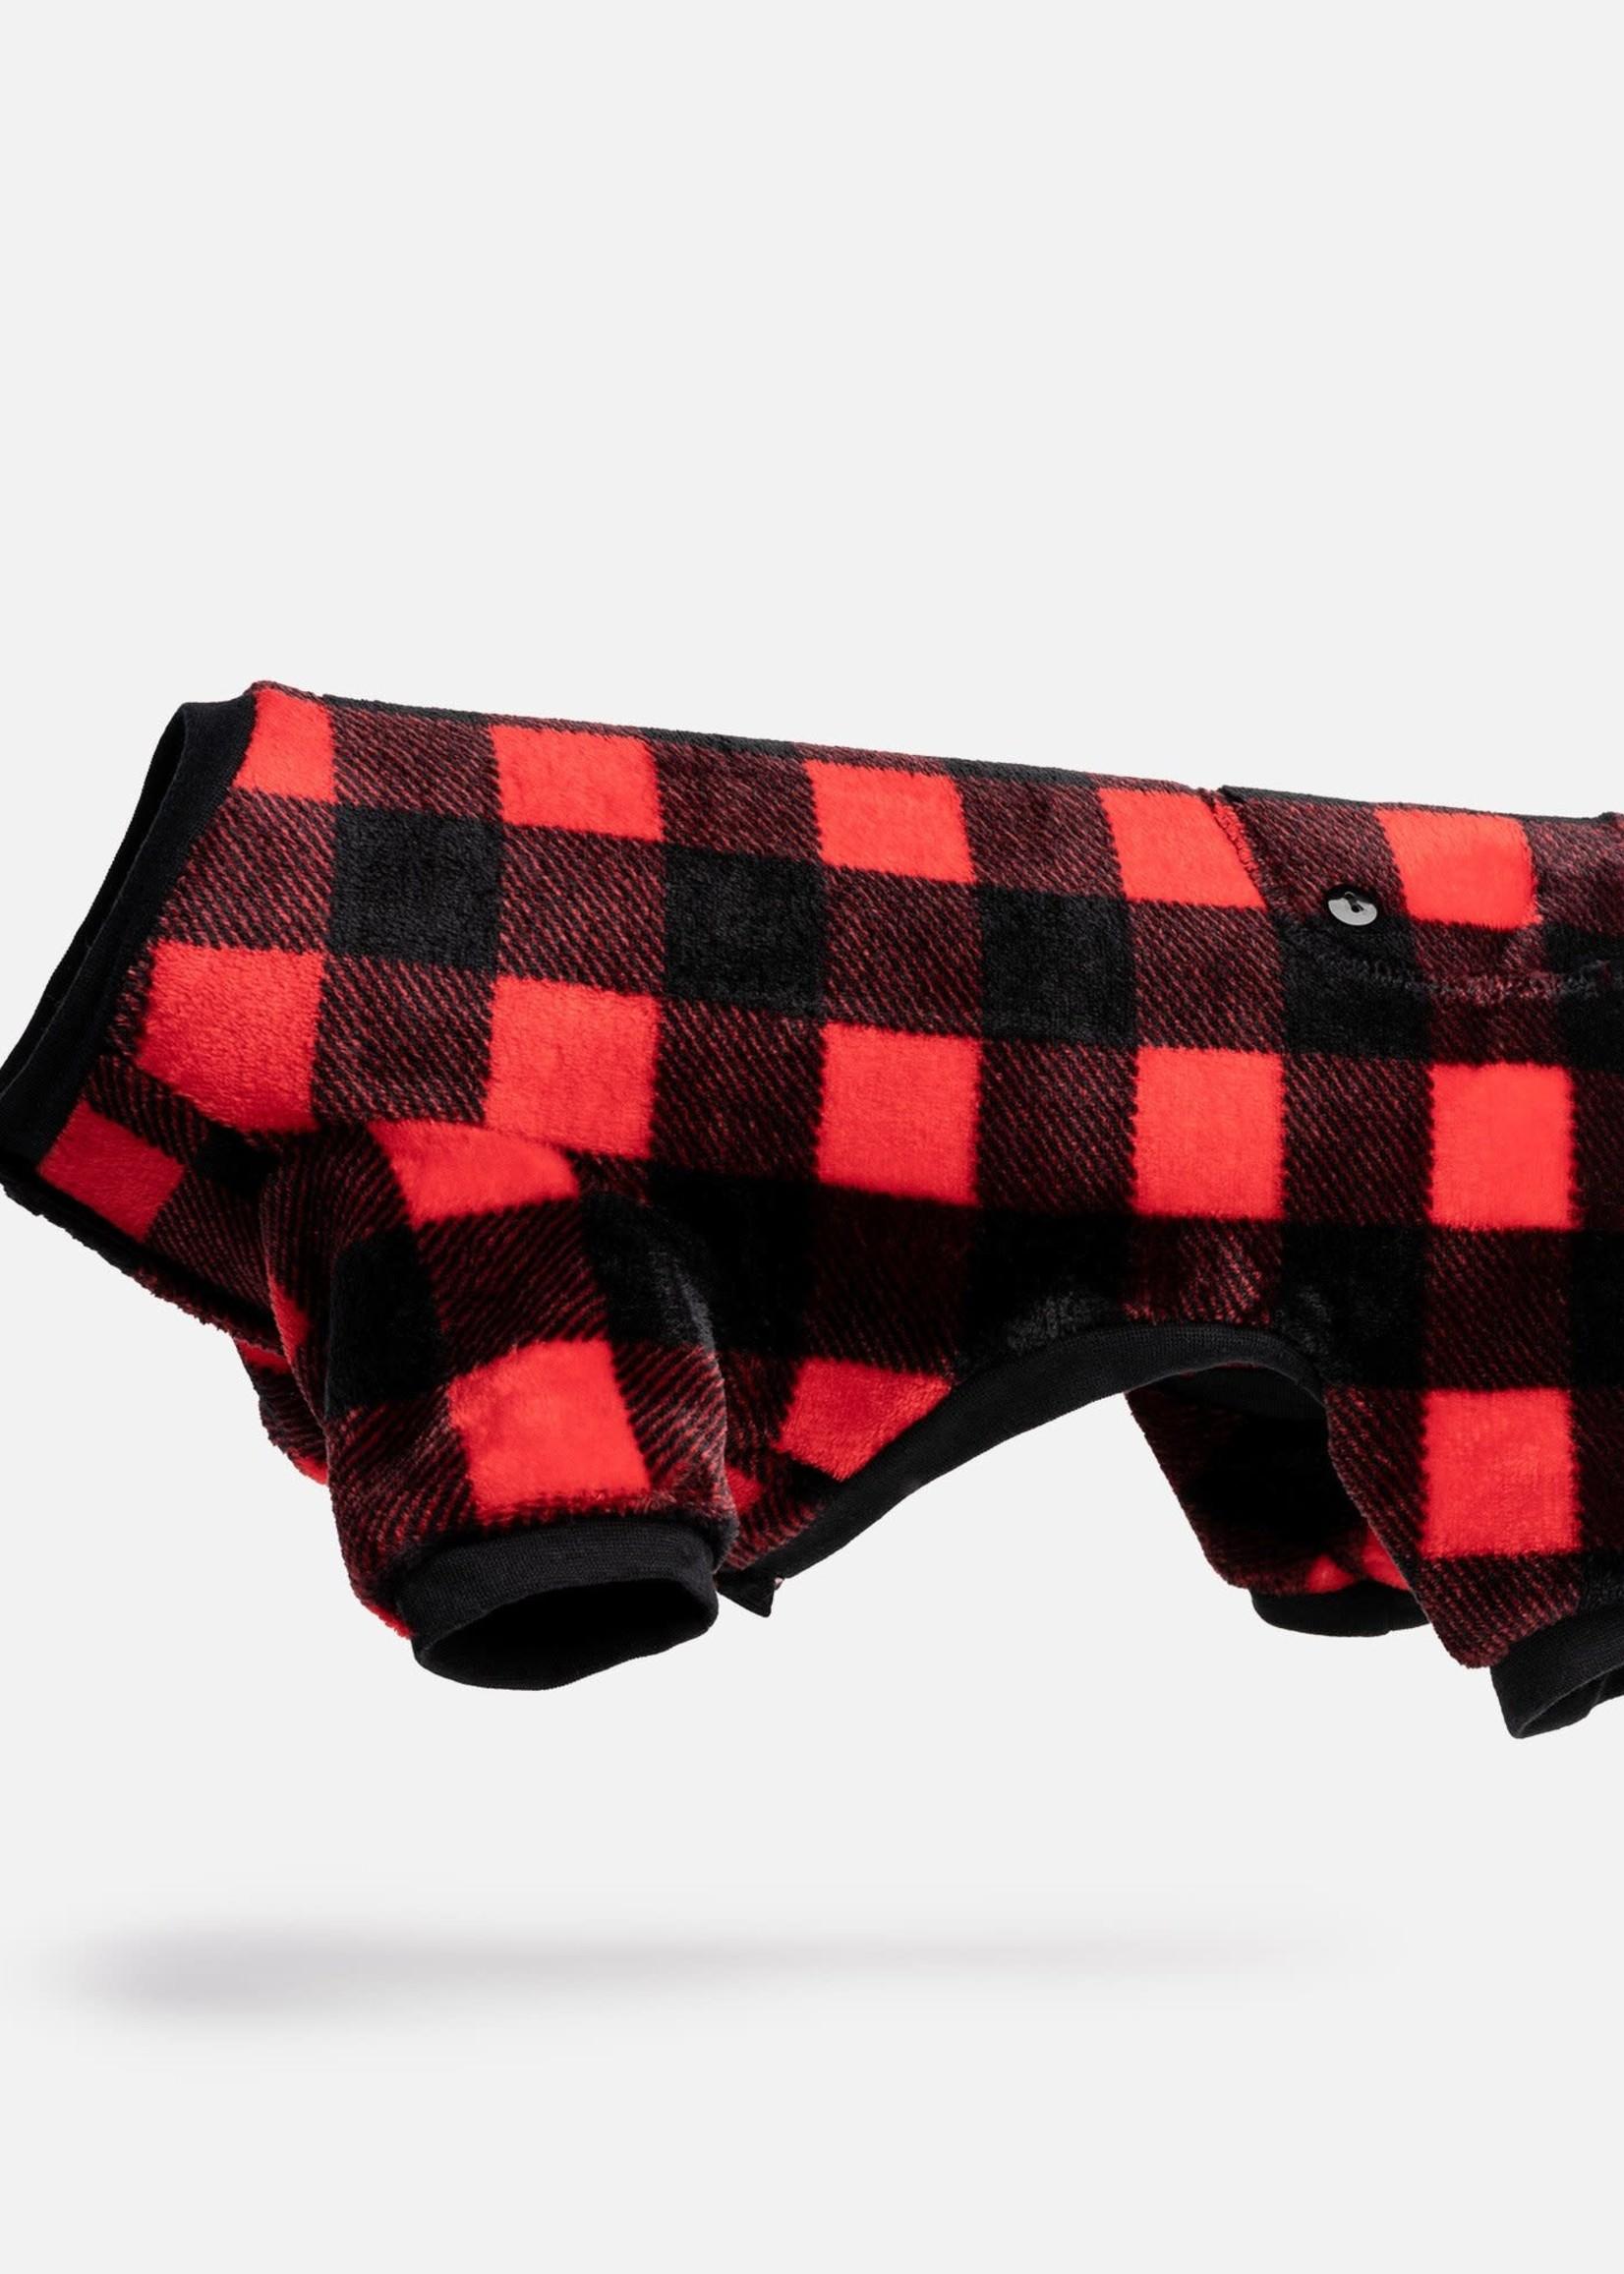 Silver Paw™ Silver Paw Dog Pajamas Buffalo Plaid Medium